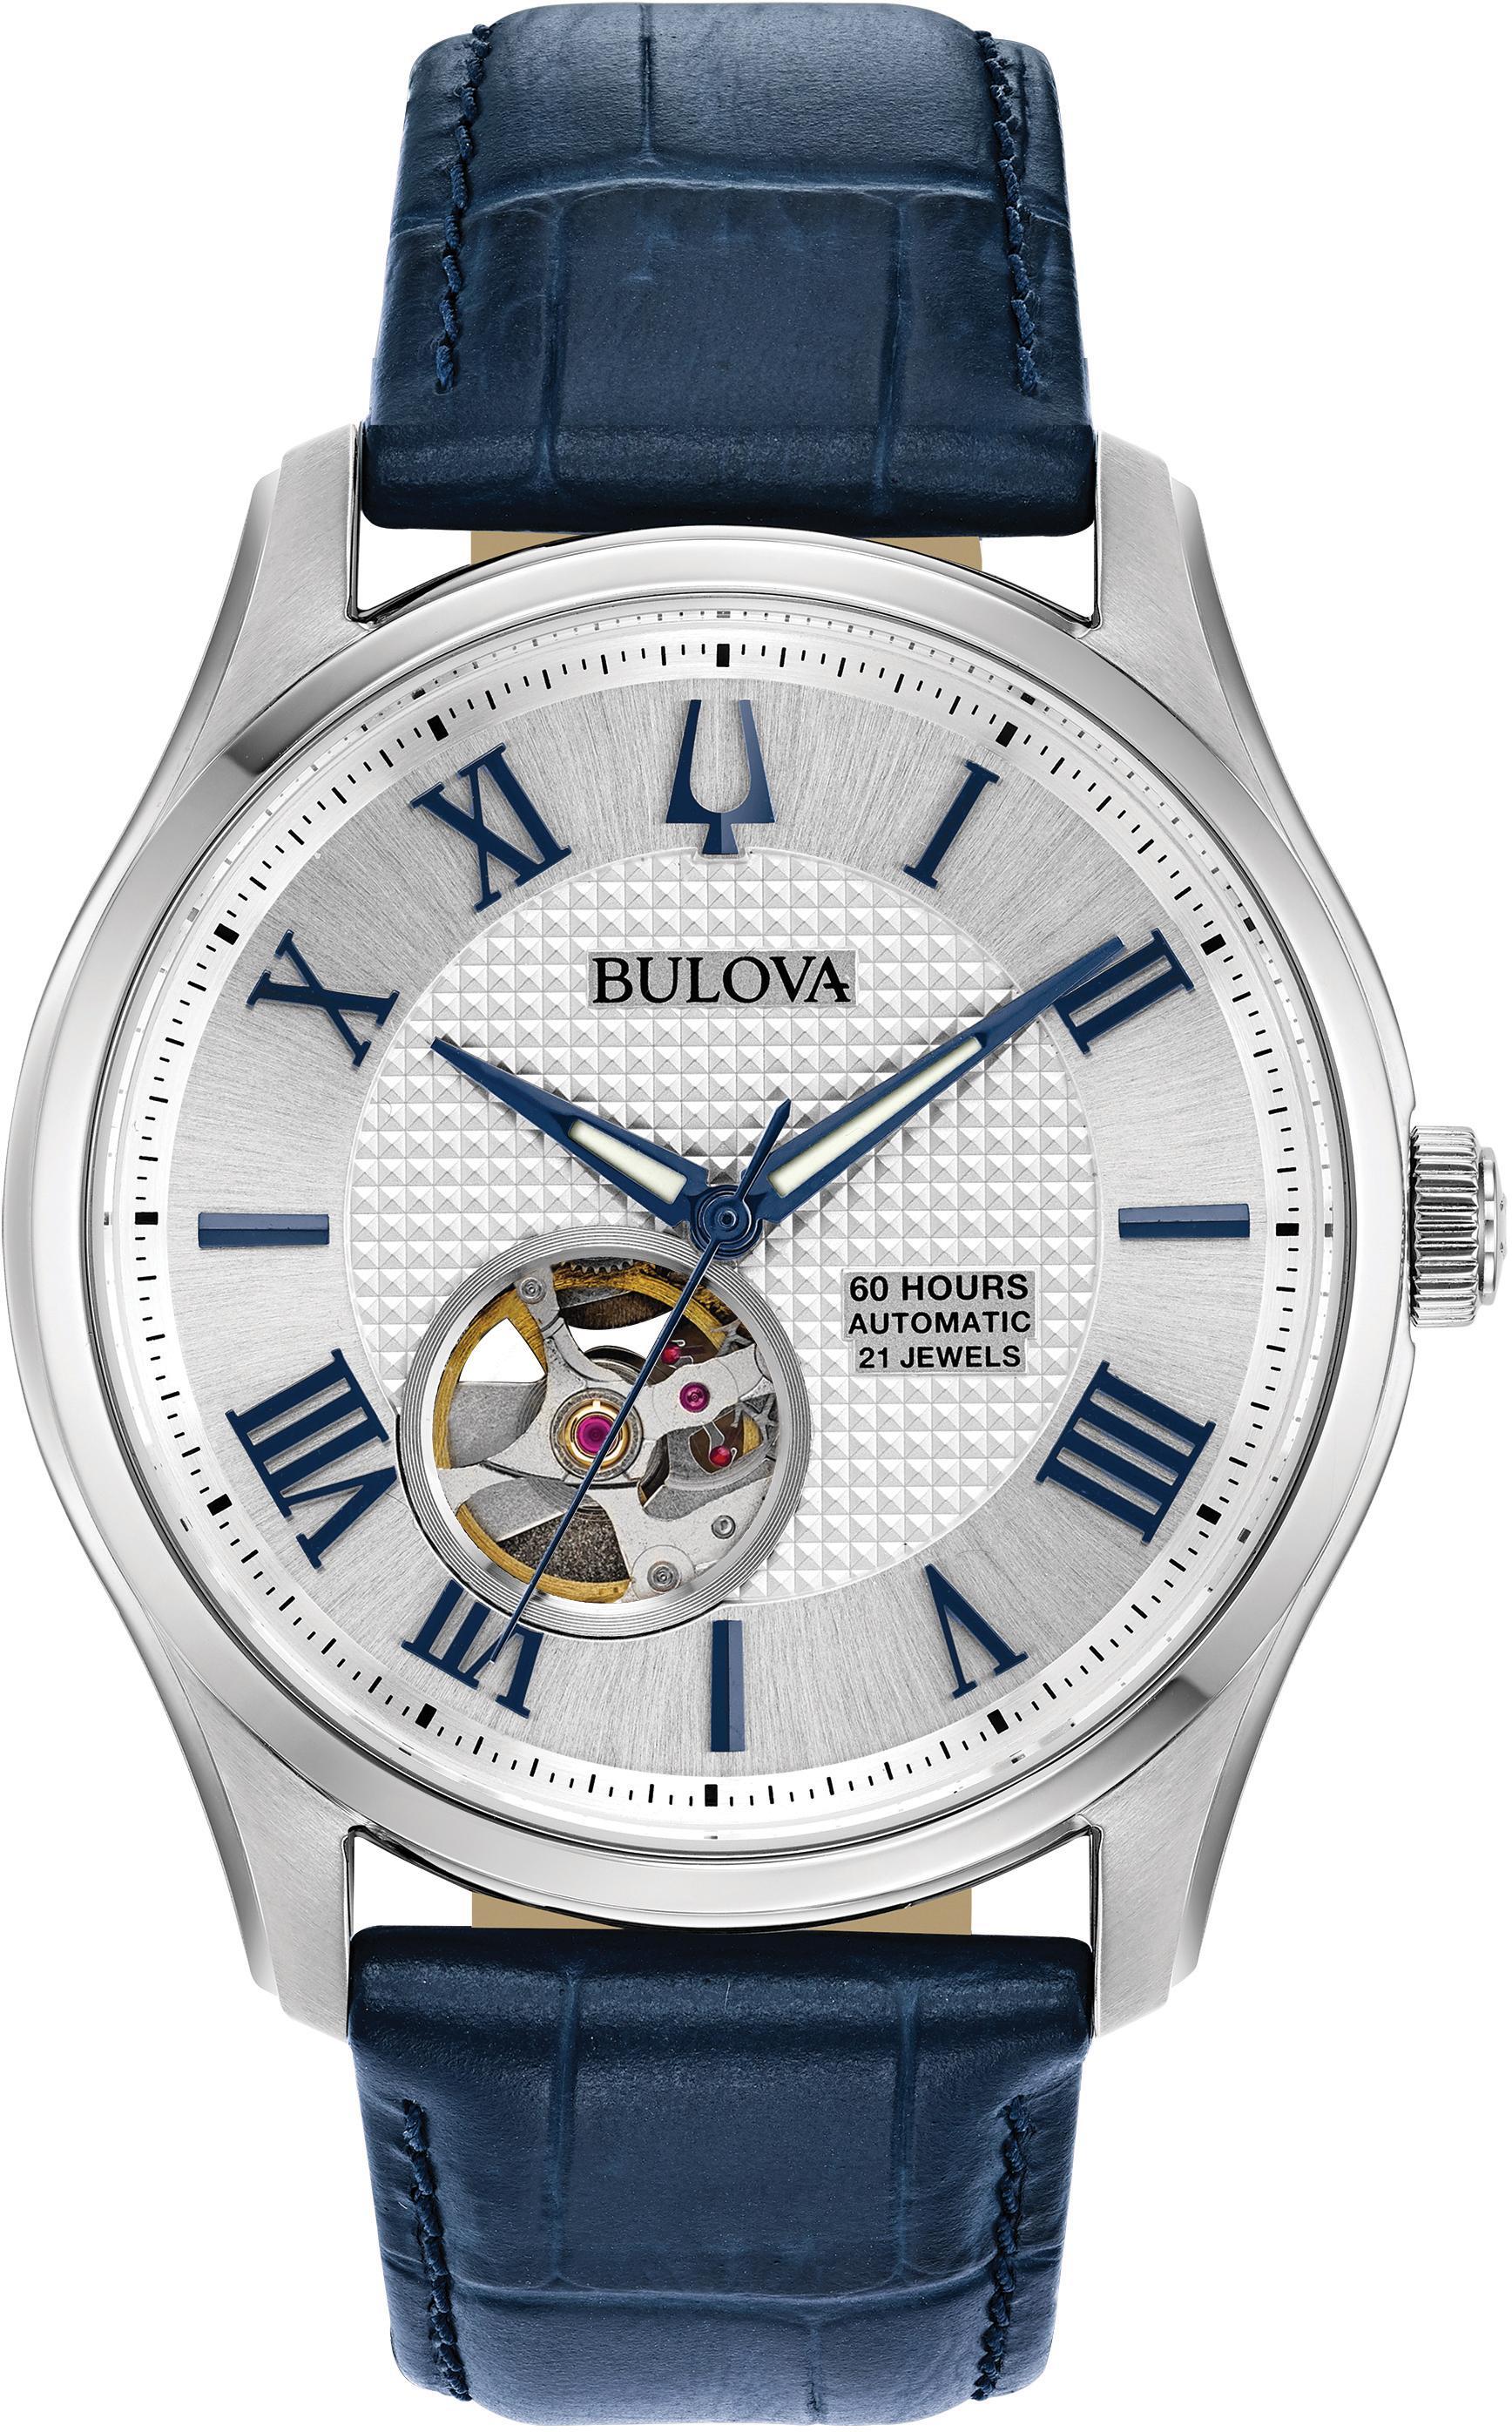 Bulova Automatikuhr Wilton 96A206 | Uhren > Automatikuhren | Bulova